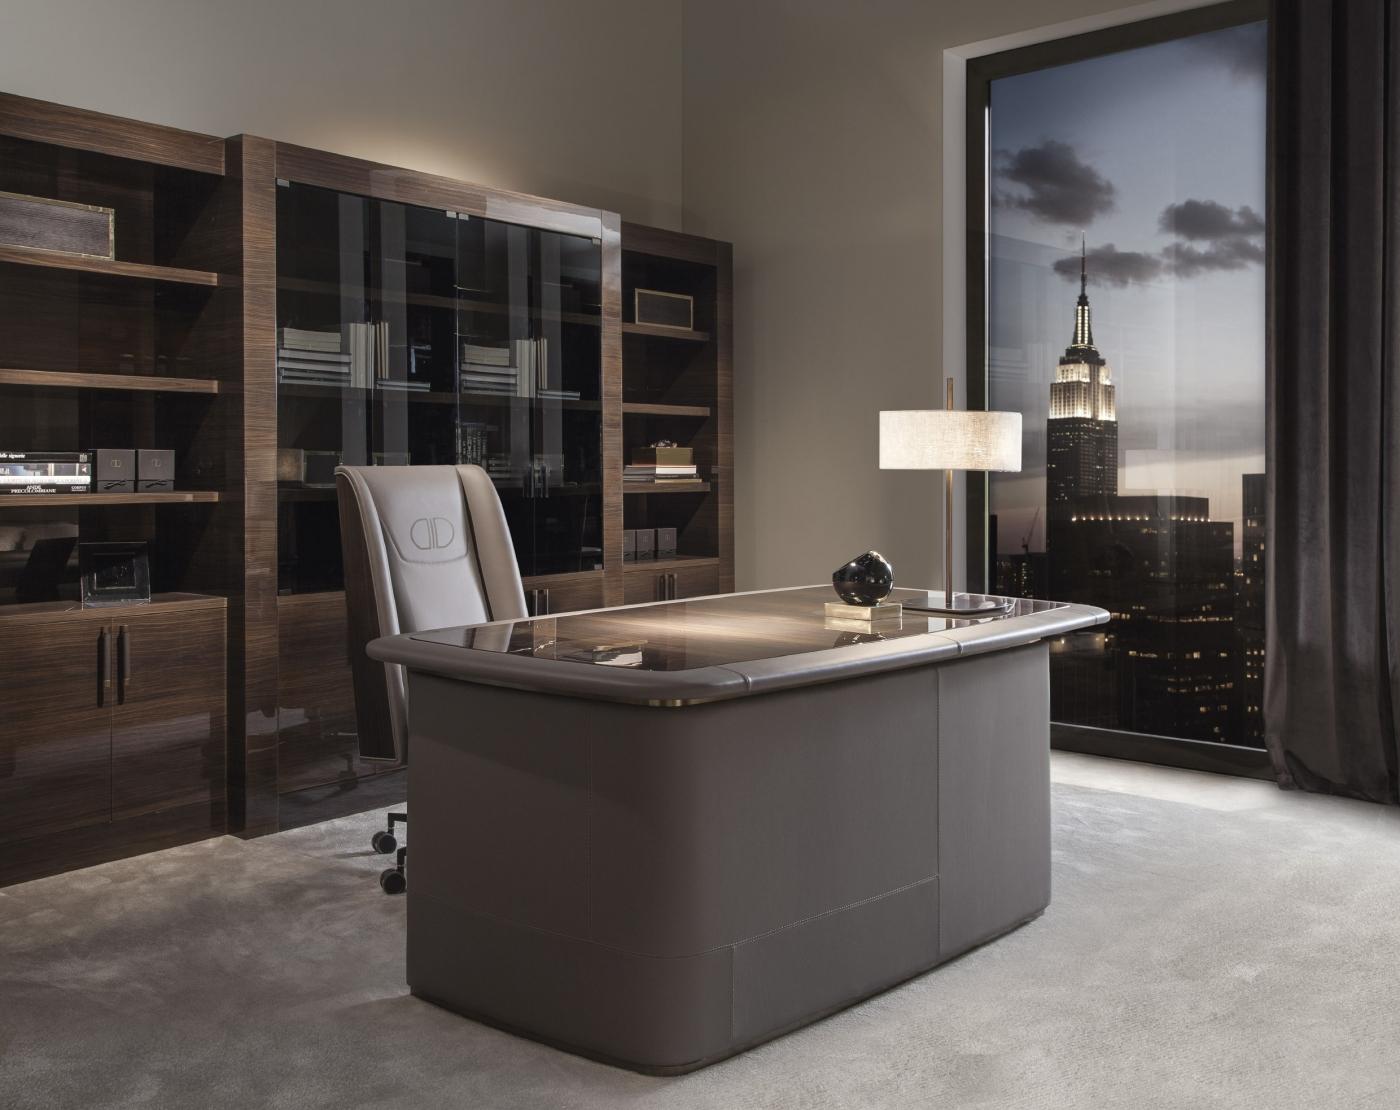 Мебель для домашнего офиса Daytona Signorini Coco